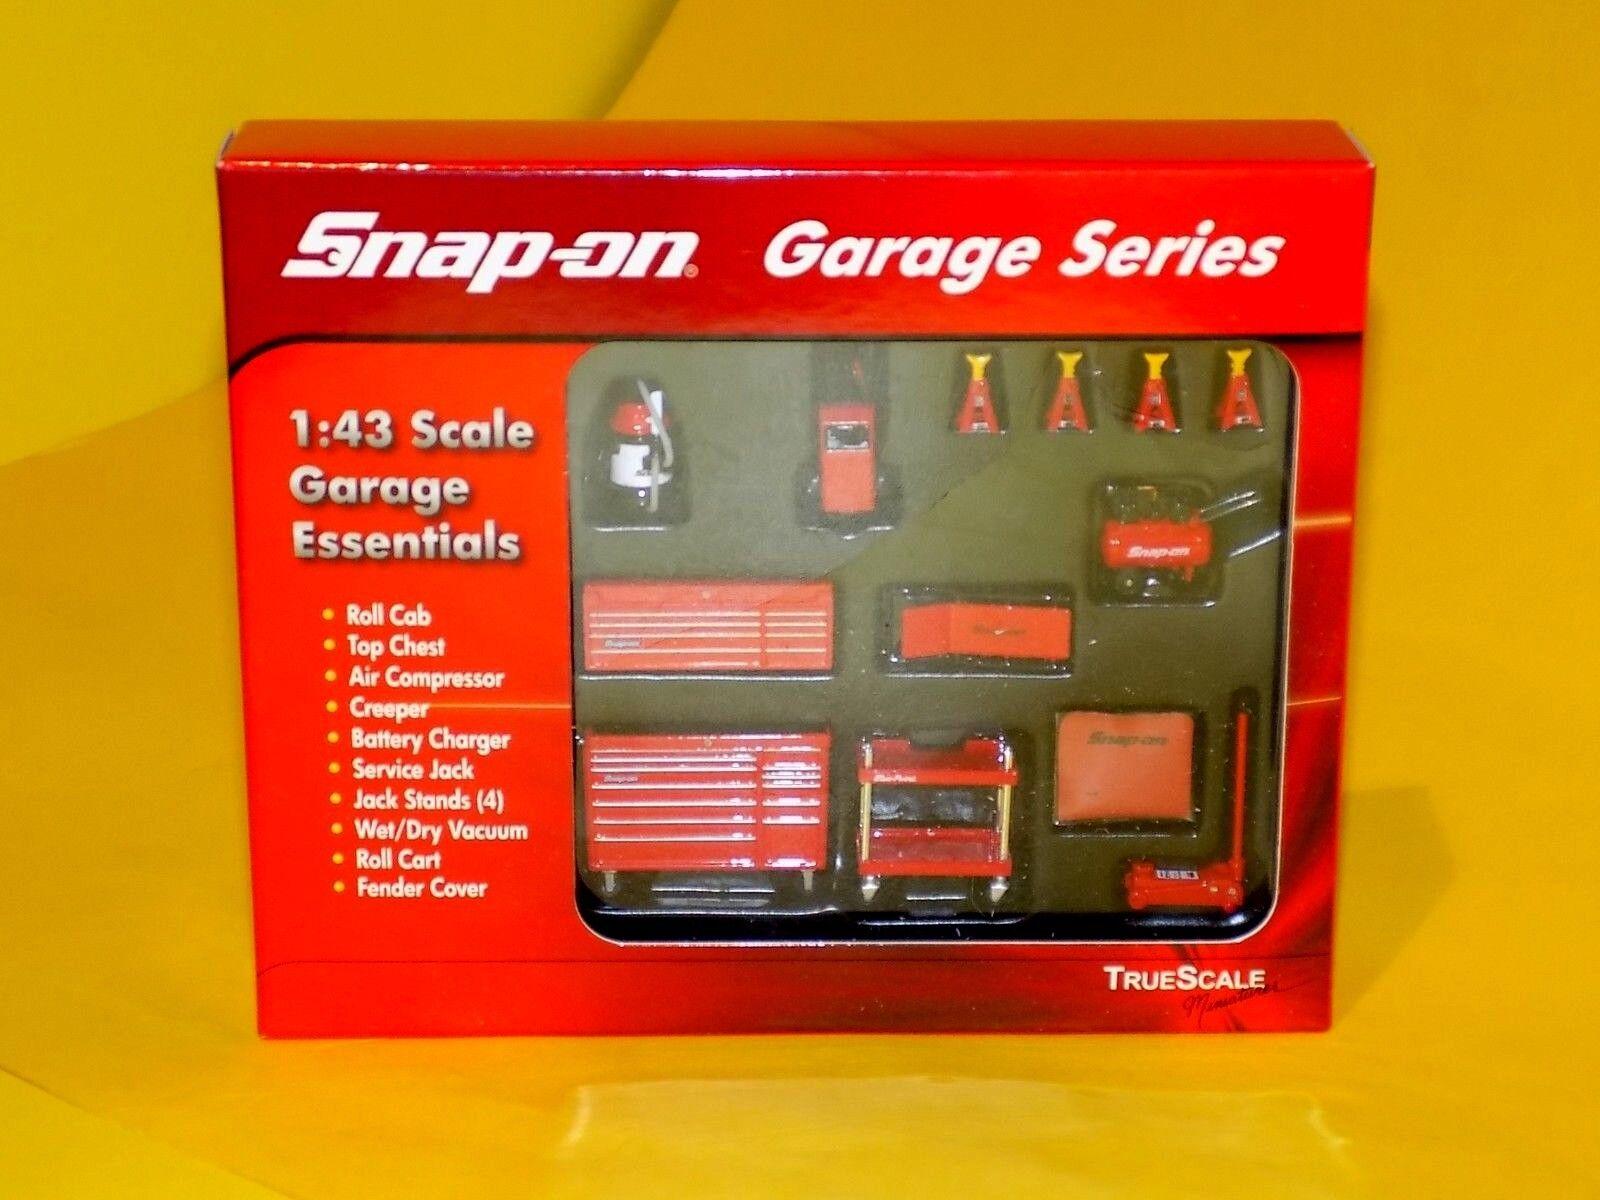 Snap-on échelle 1 43 garages Accessoires 10PCS Garage Series True Scale 07002 1 43